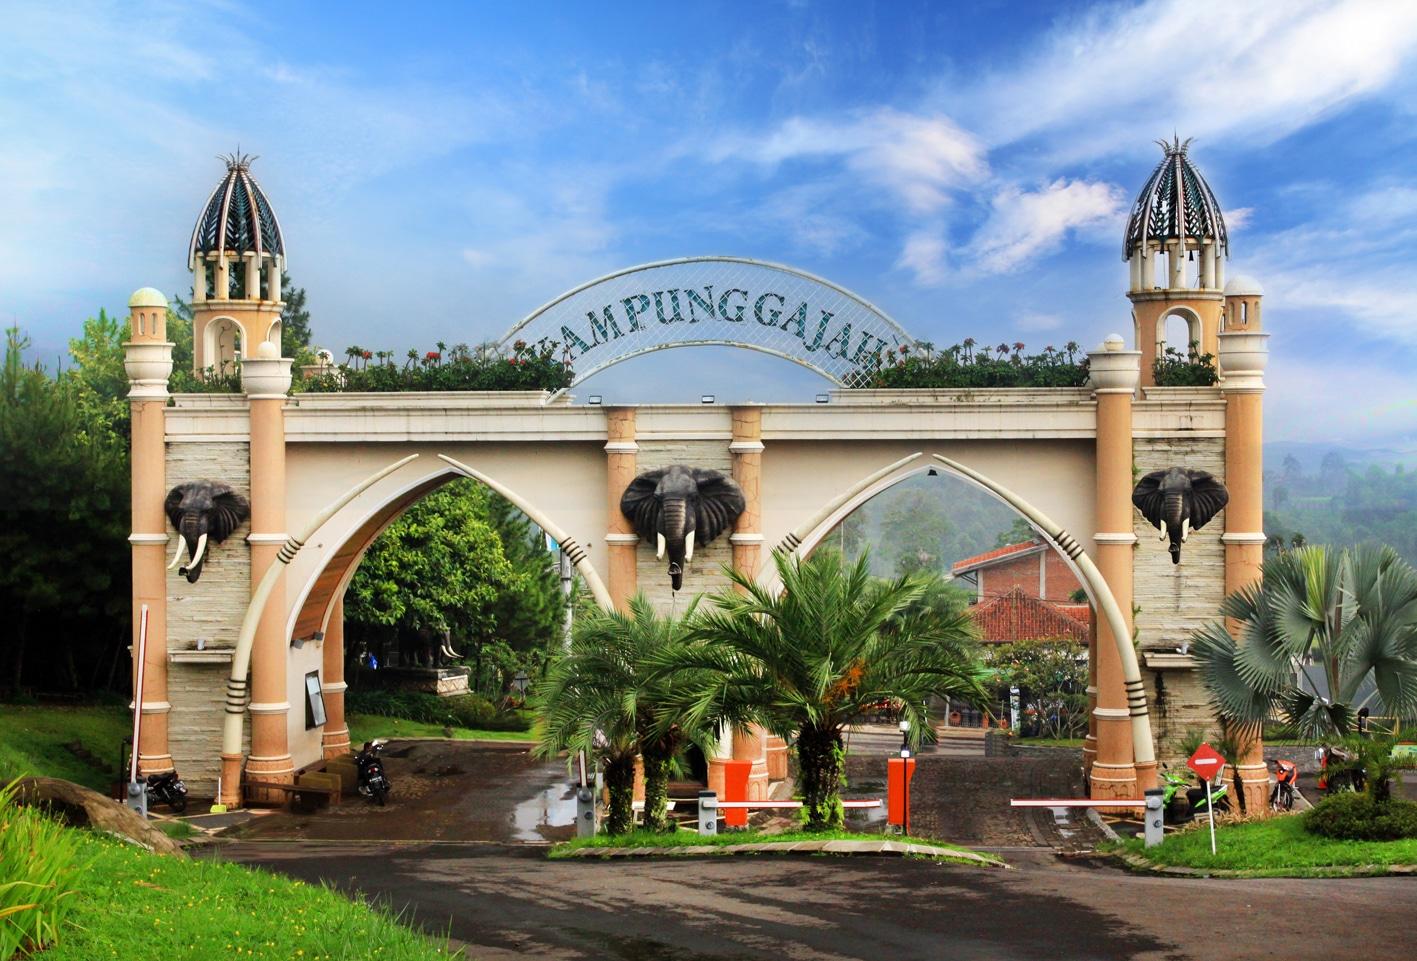 10 Tempat Wisata Anak Di Bandung Yang Wajib Dikunjungi